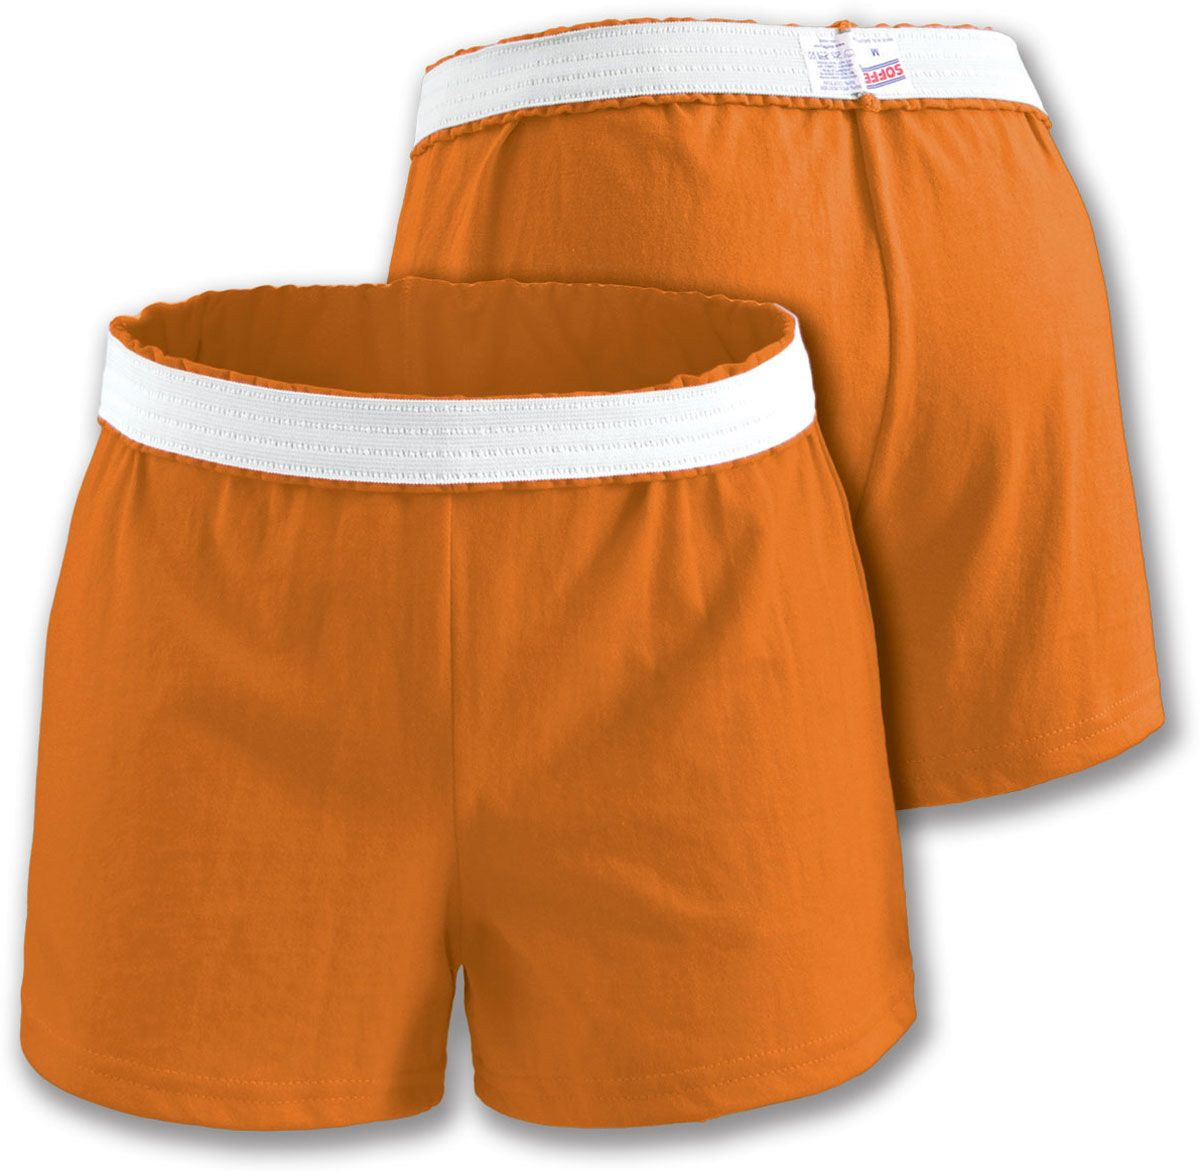 9714d1c0dcdd2 Soffe Juniors  Cheer Shorts